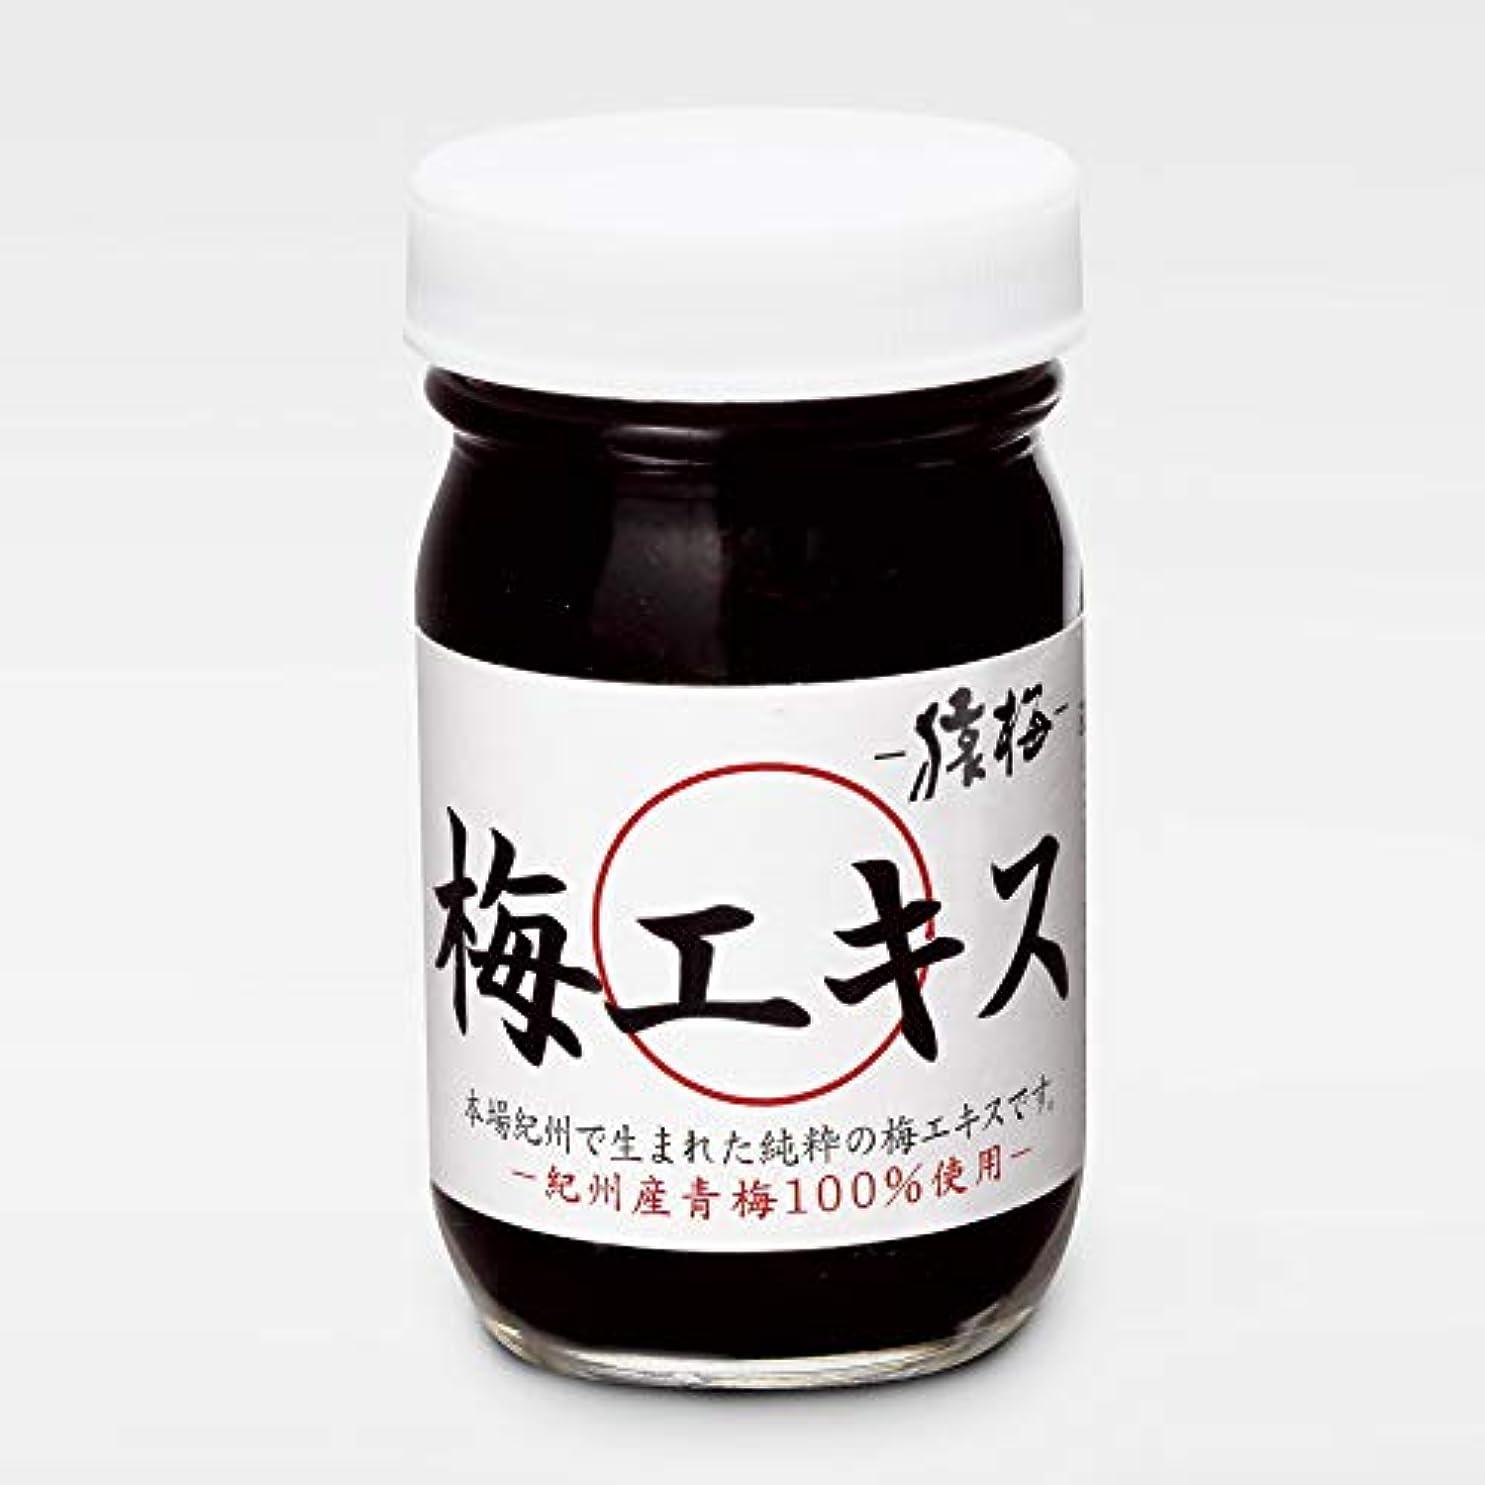 空グリップ立方体猿梅本舗 梅肉エキス 無添加 (紀州梅100%使用、練状95g)